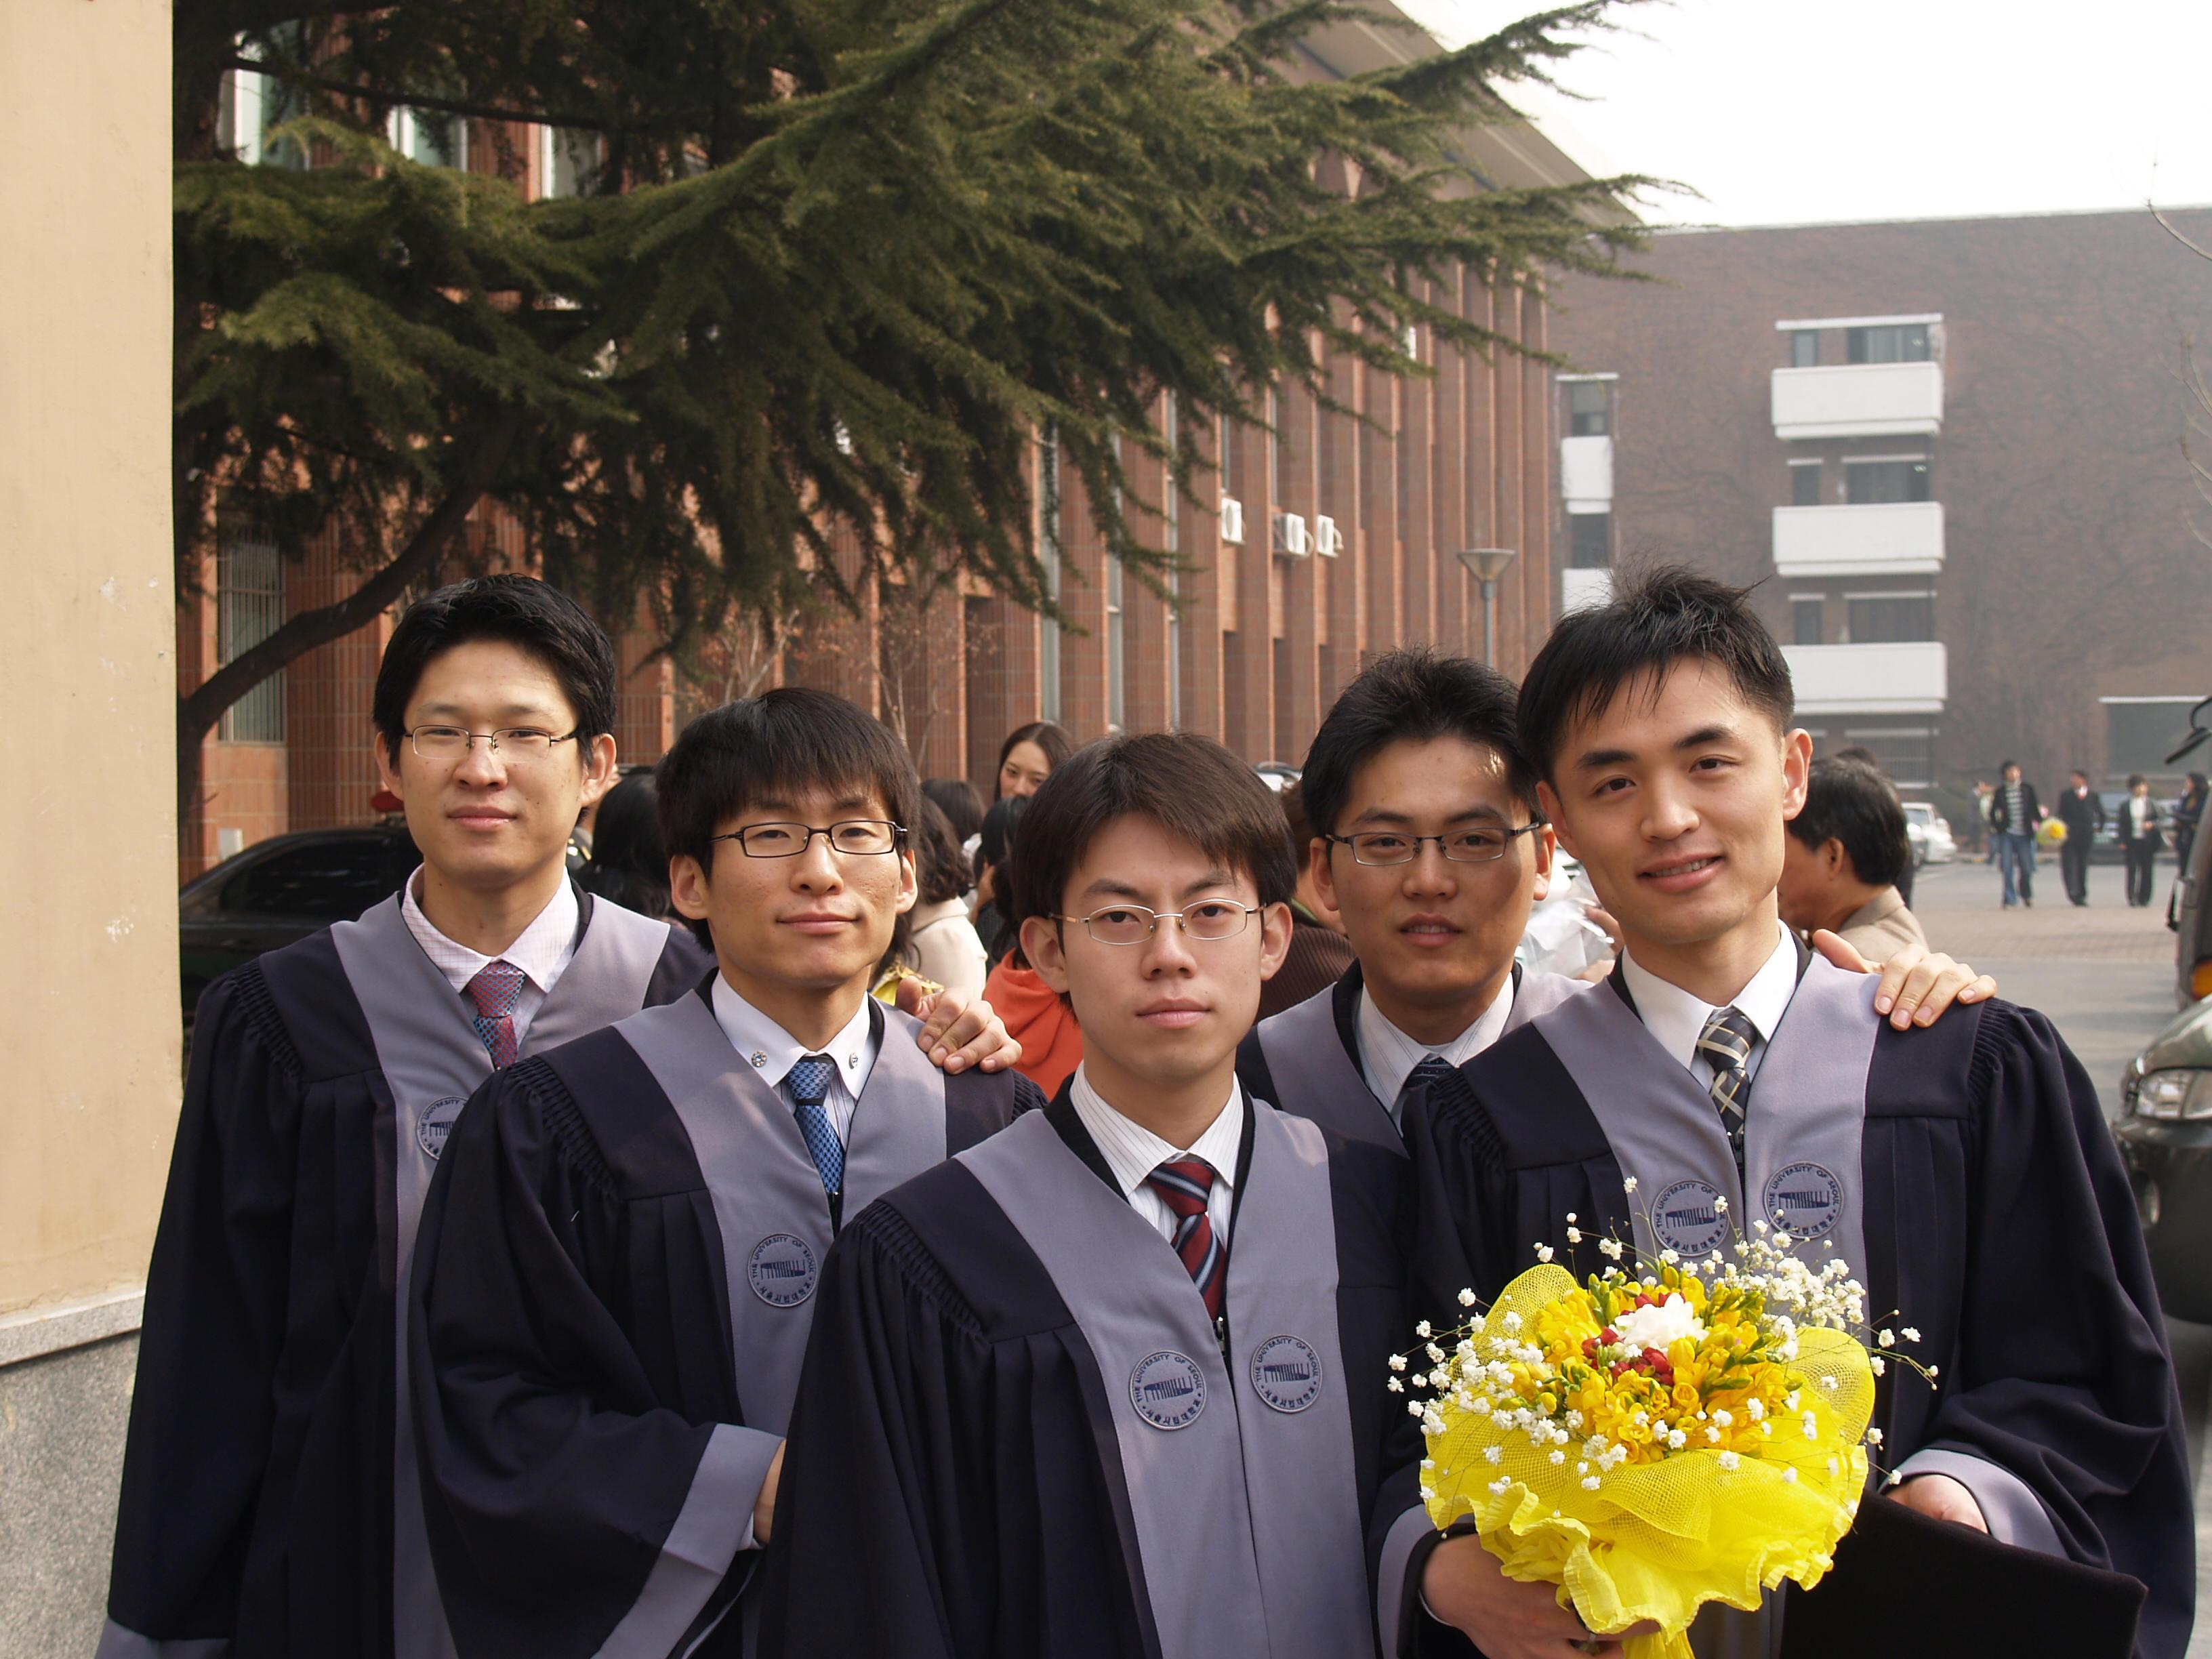 졸업을 축하드립니다-13